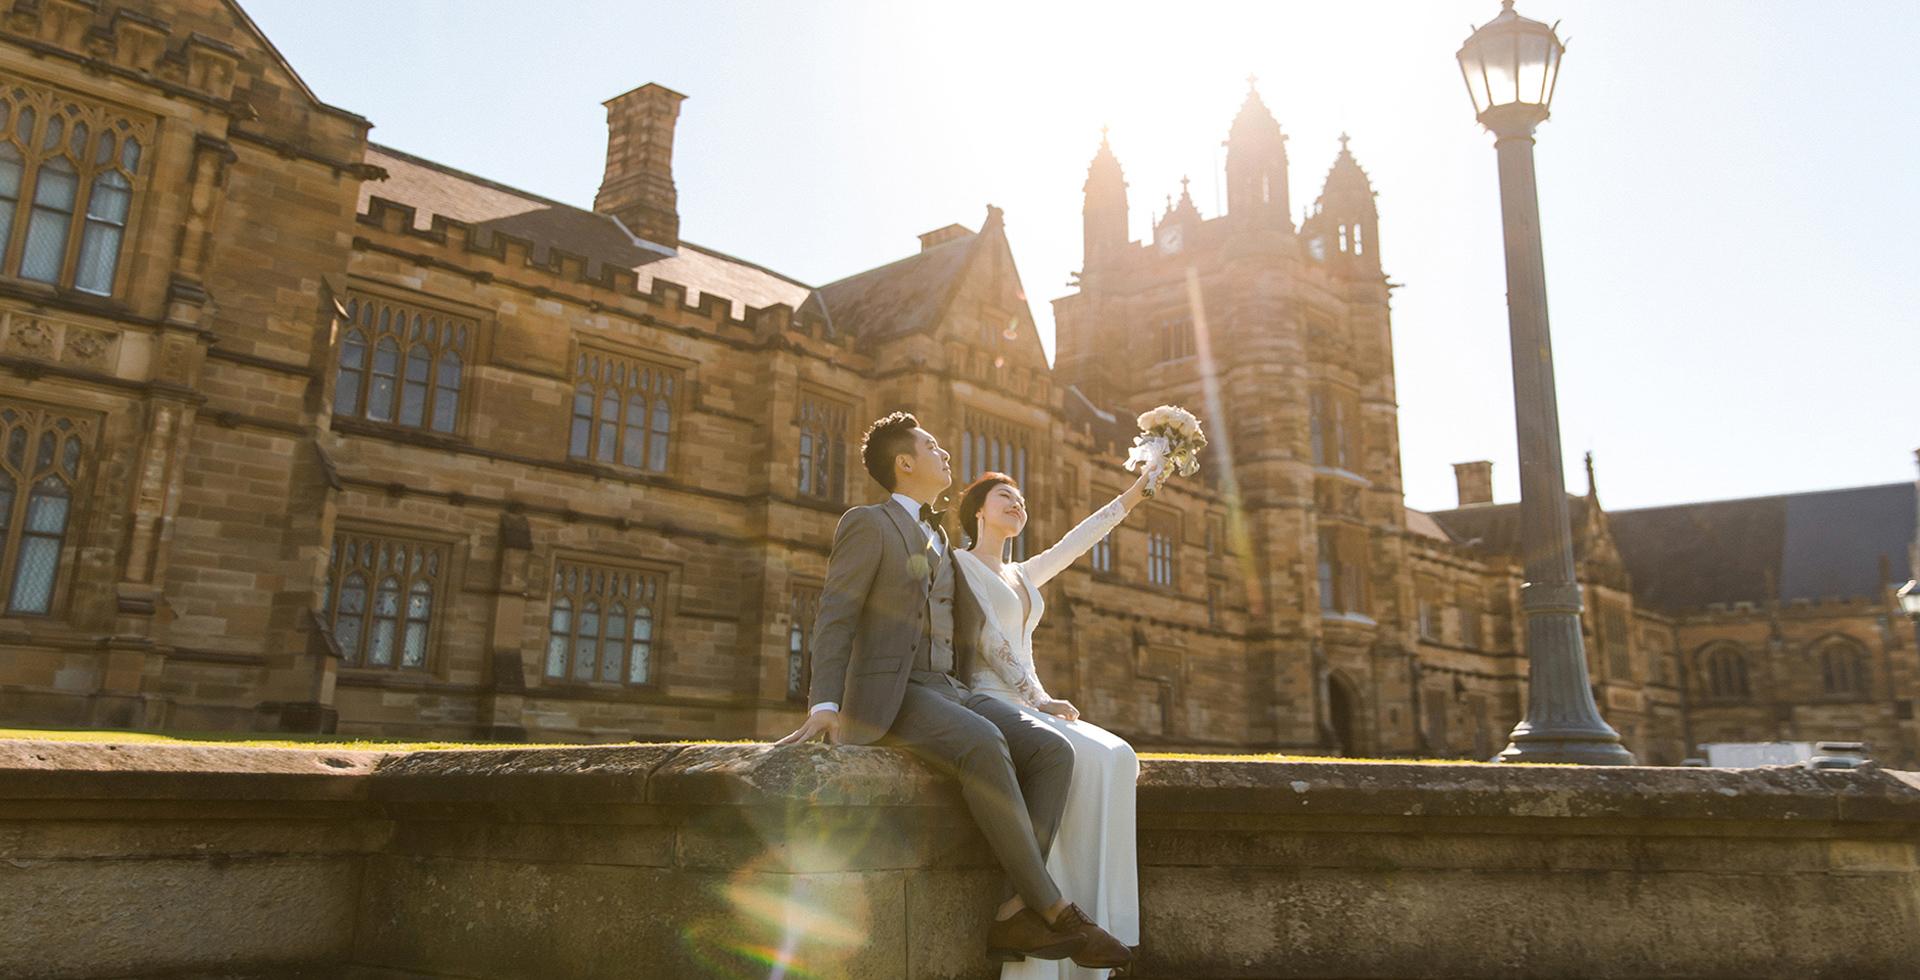 悉尼婚纱摄影,悉尼网红婚纱拍摄点,网红旅拍婚纱照